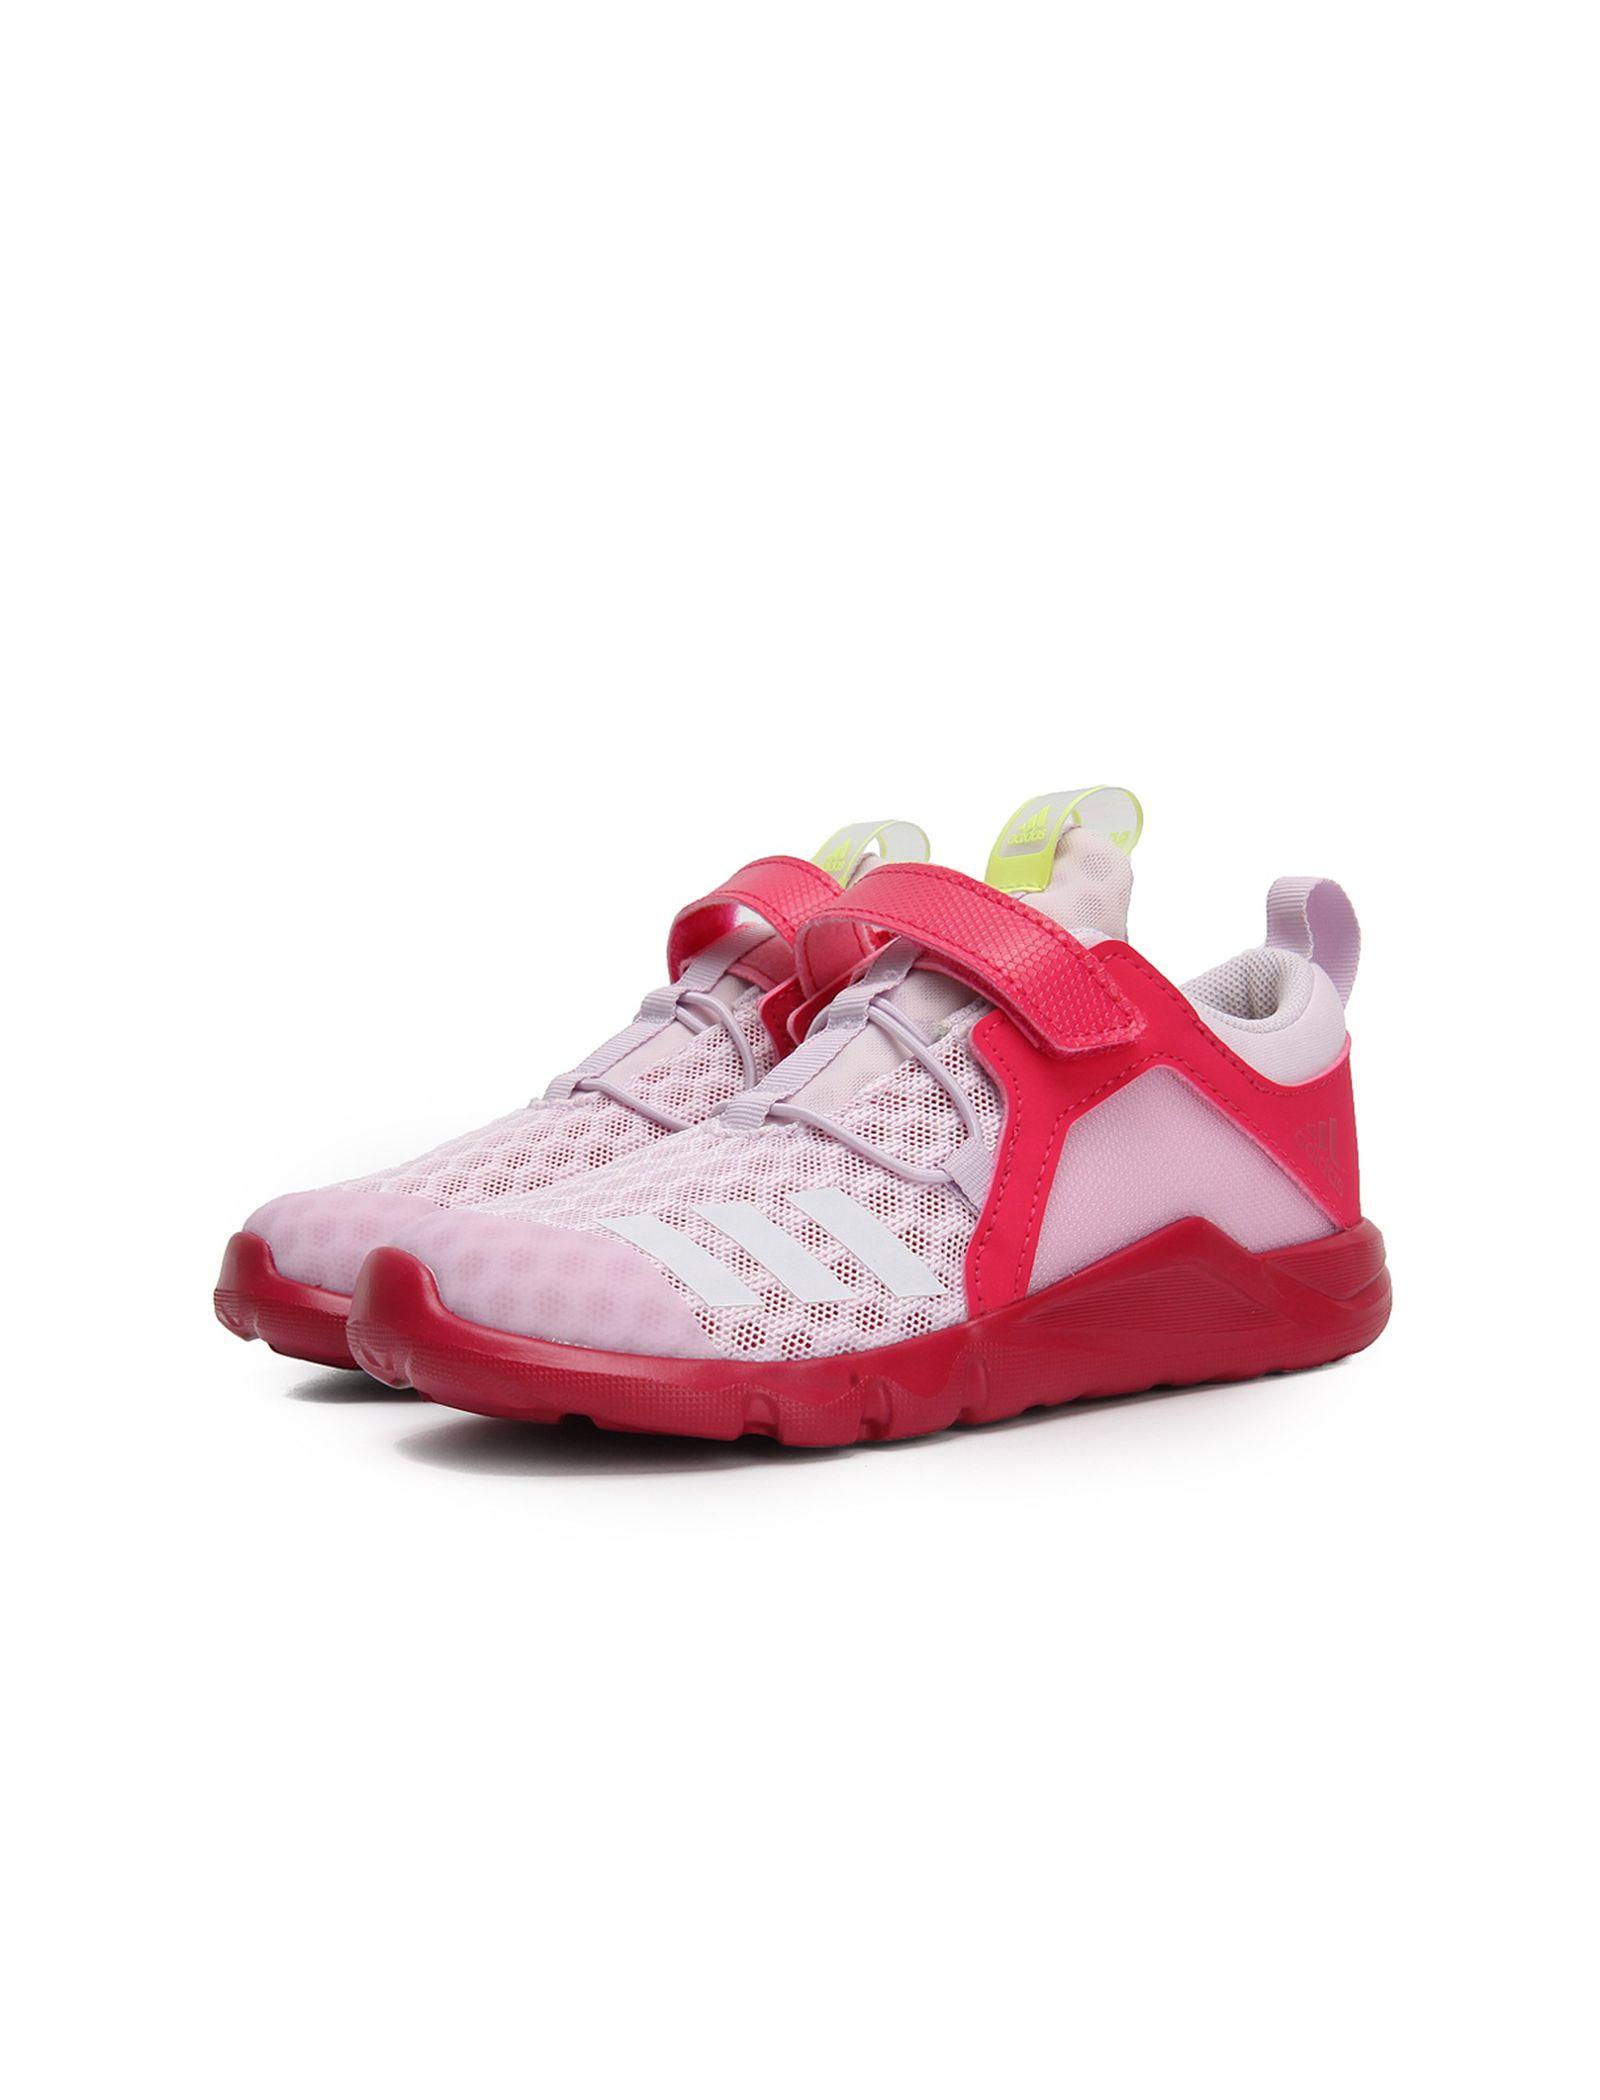 کفش تمرین چسبی دخترانه RapidaFlex 2 - آدیداس - قرمز - 4